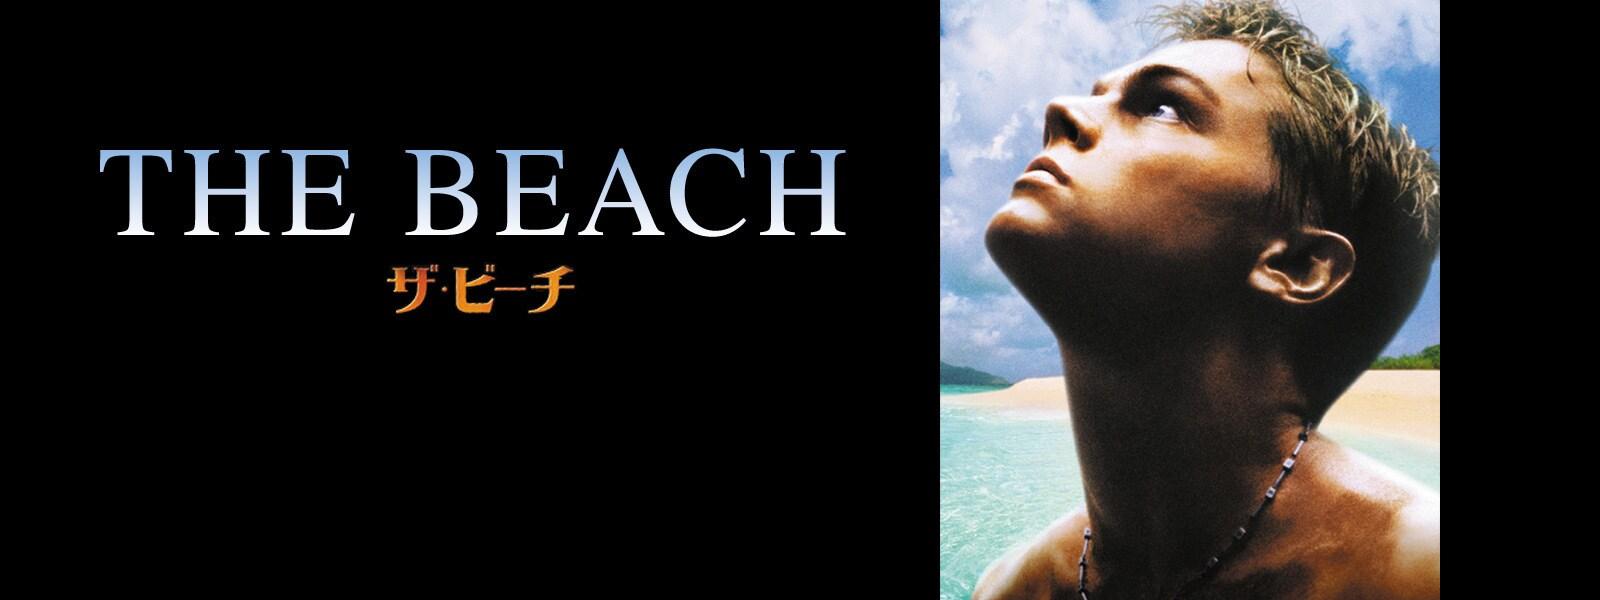 ザ・ビーチ|The Beach Hero Object